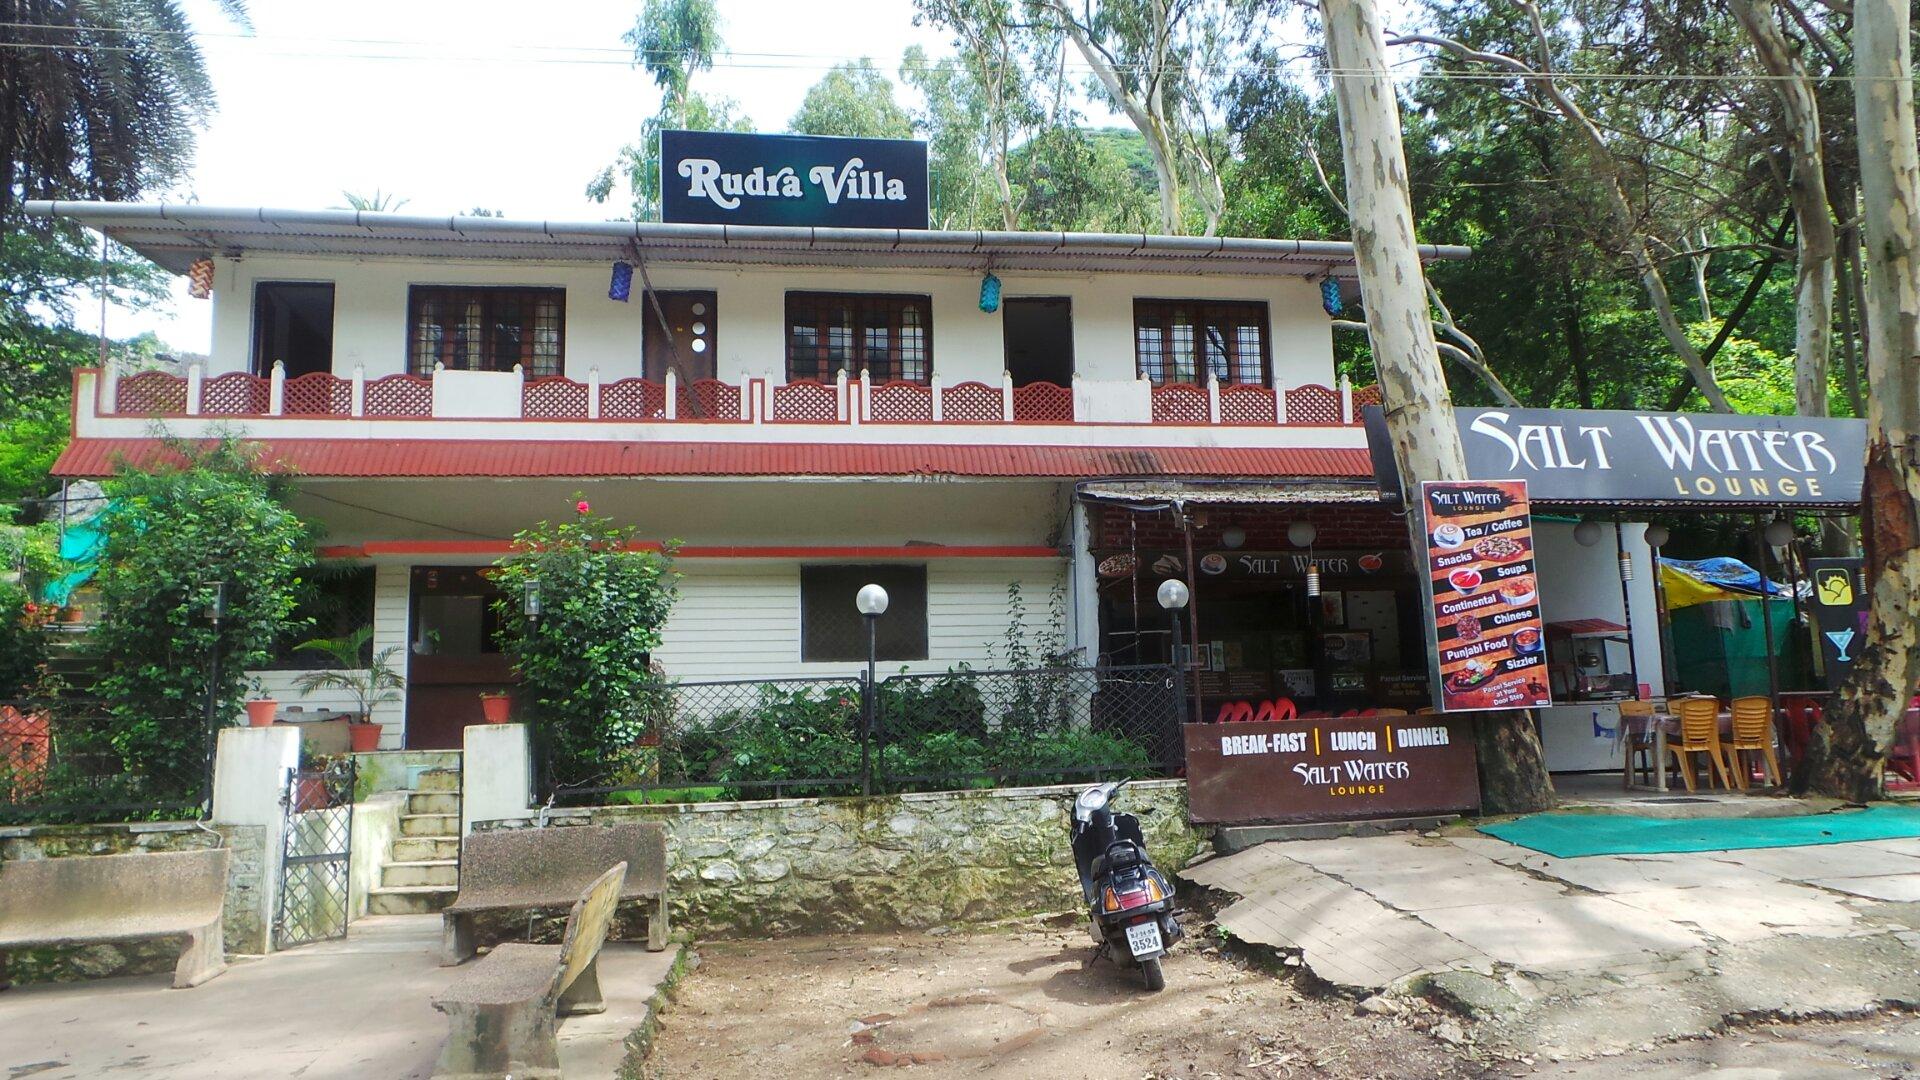 Rudra Villa in Mount Abu